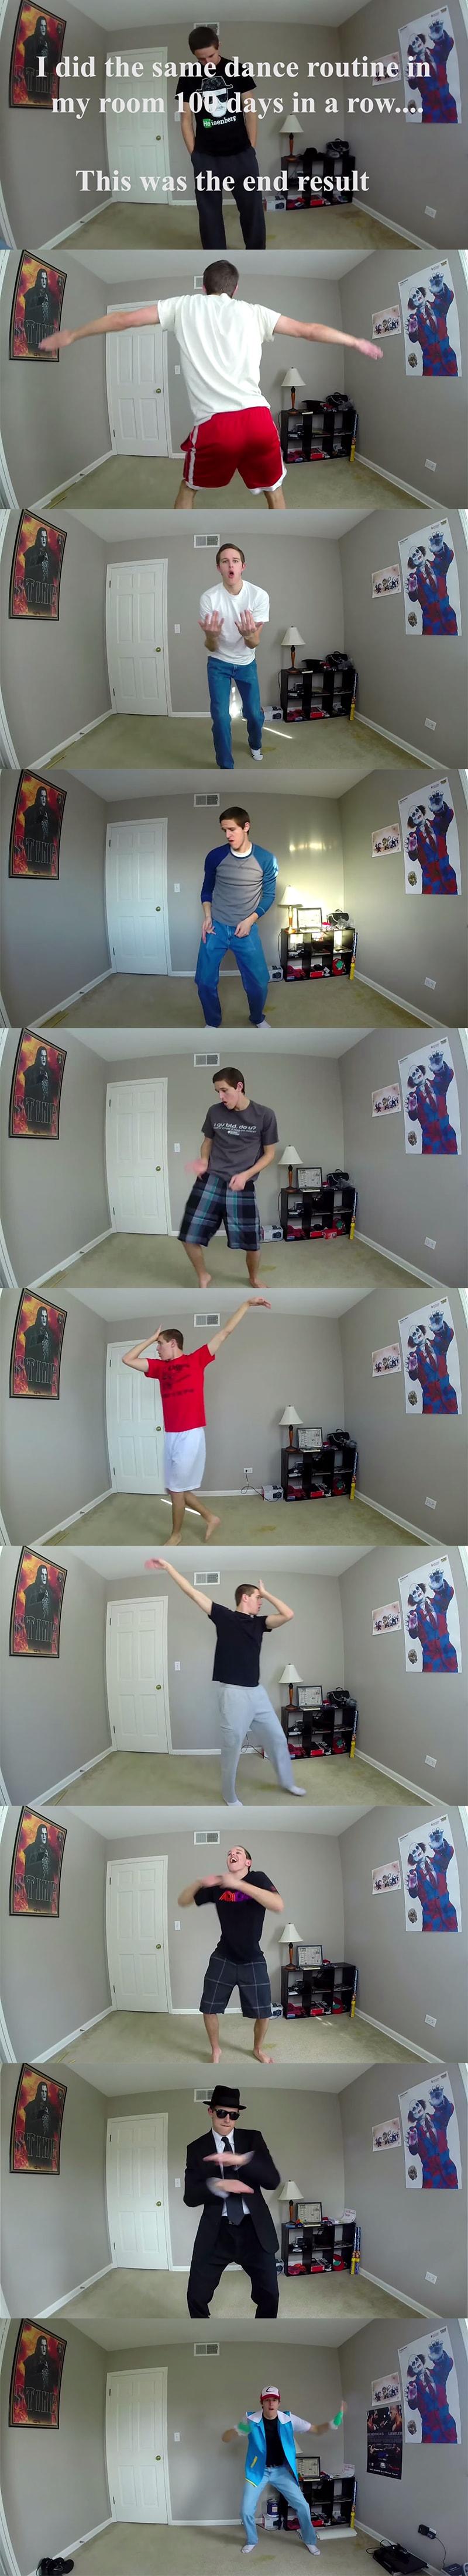 dancando a mesma musica por 100 dias